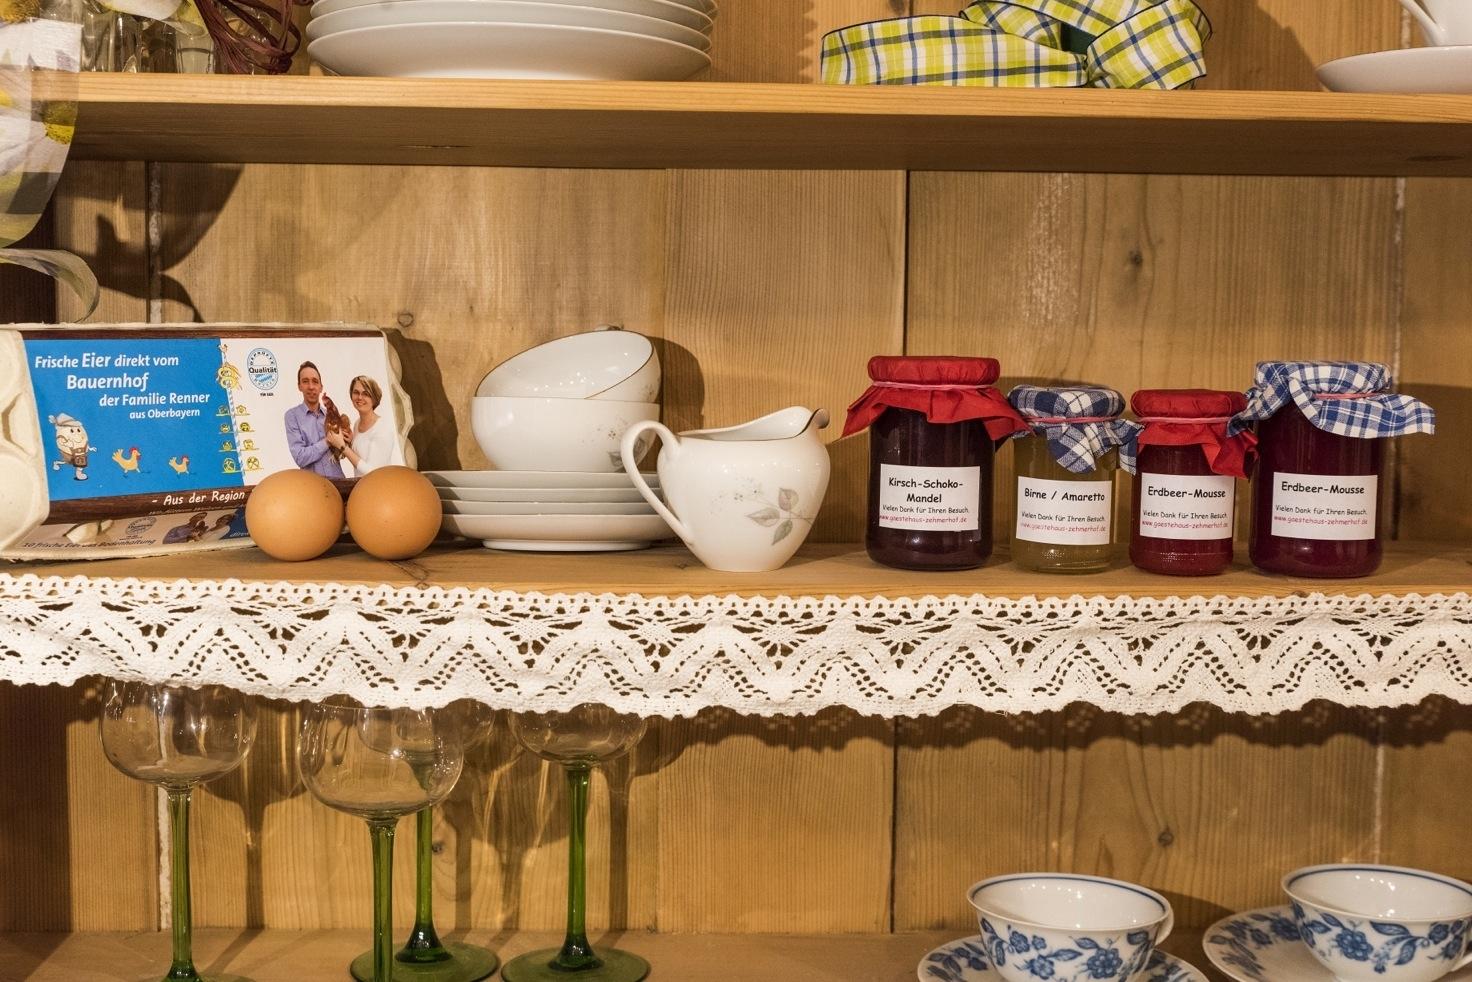 selbstgemachte Marmelade und frische Eier vom eigenen Hof